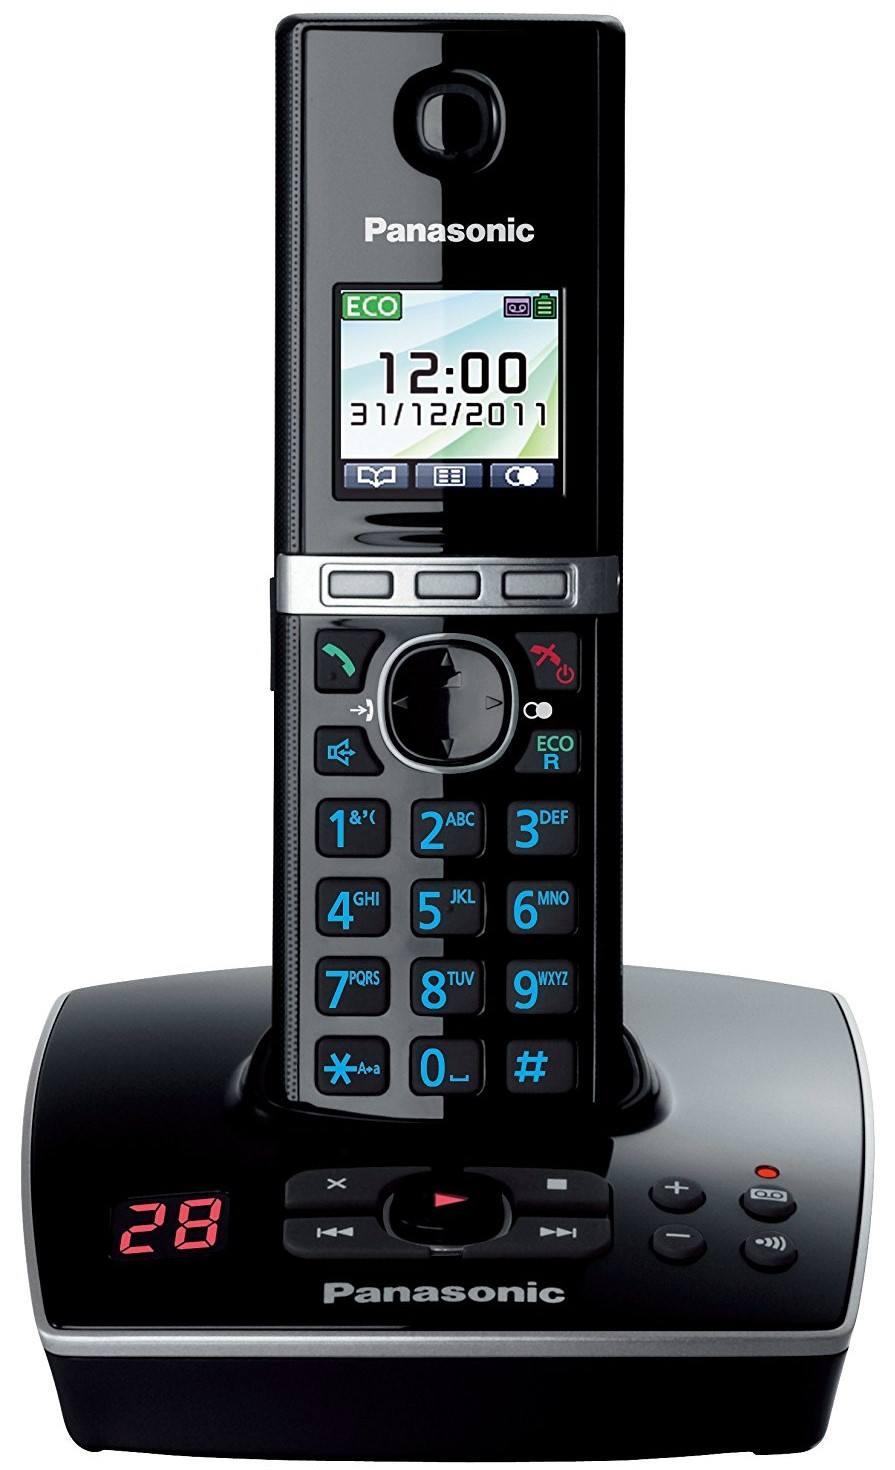 Panasonic KX-TG8062EB Phone Set